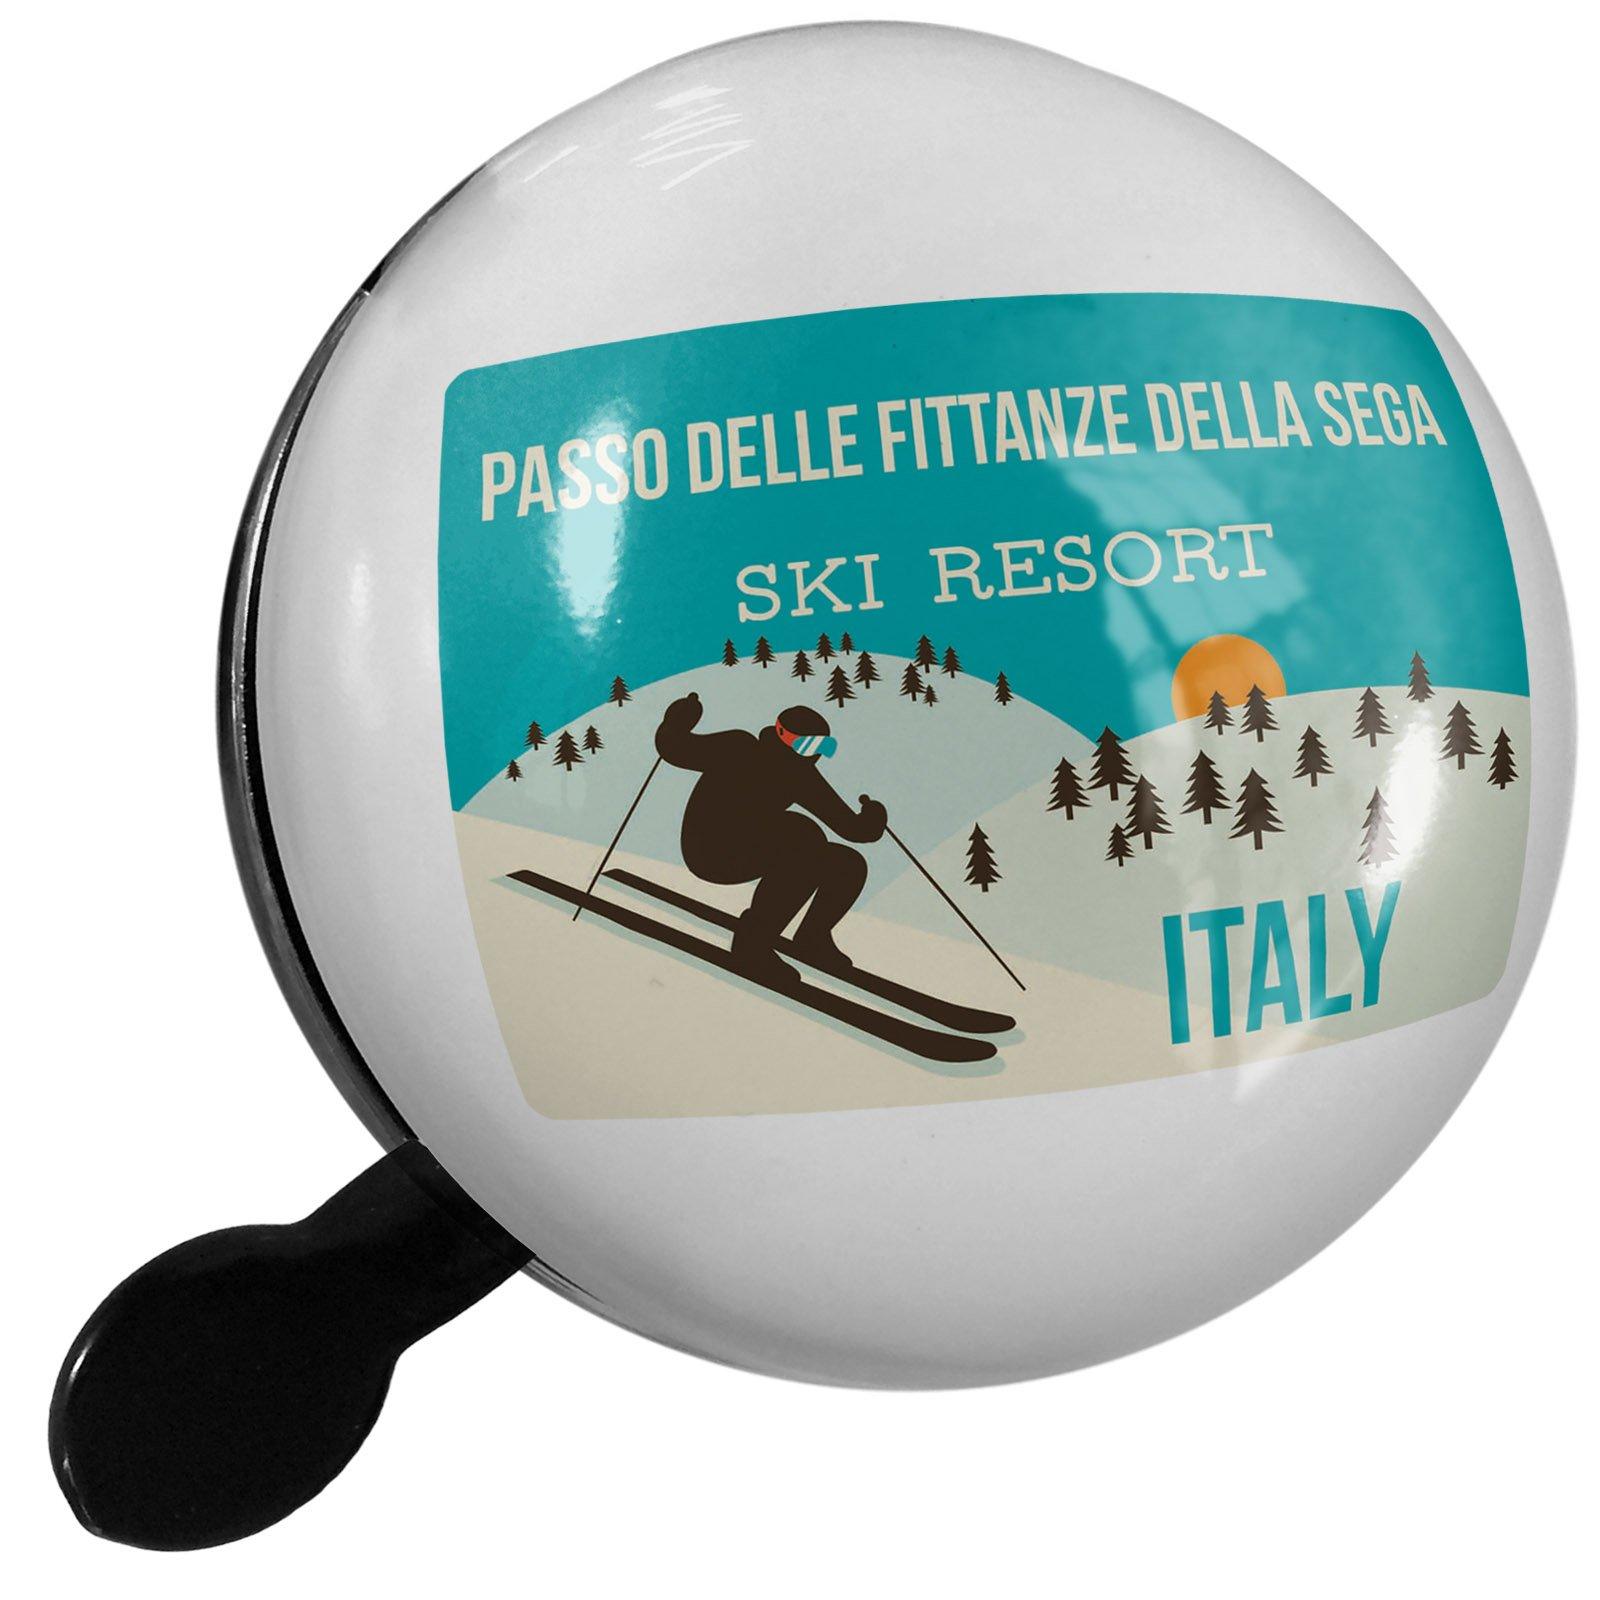 Small Bike Bell Passo delle Fittanze della Sega Ski Resort - Italy Ski Resort - NEONBLOND